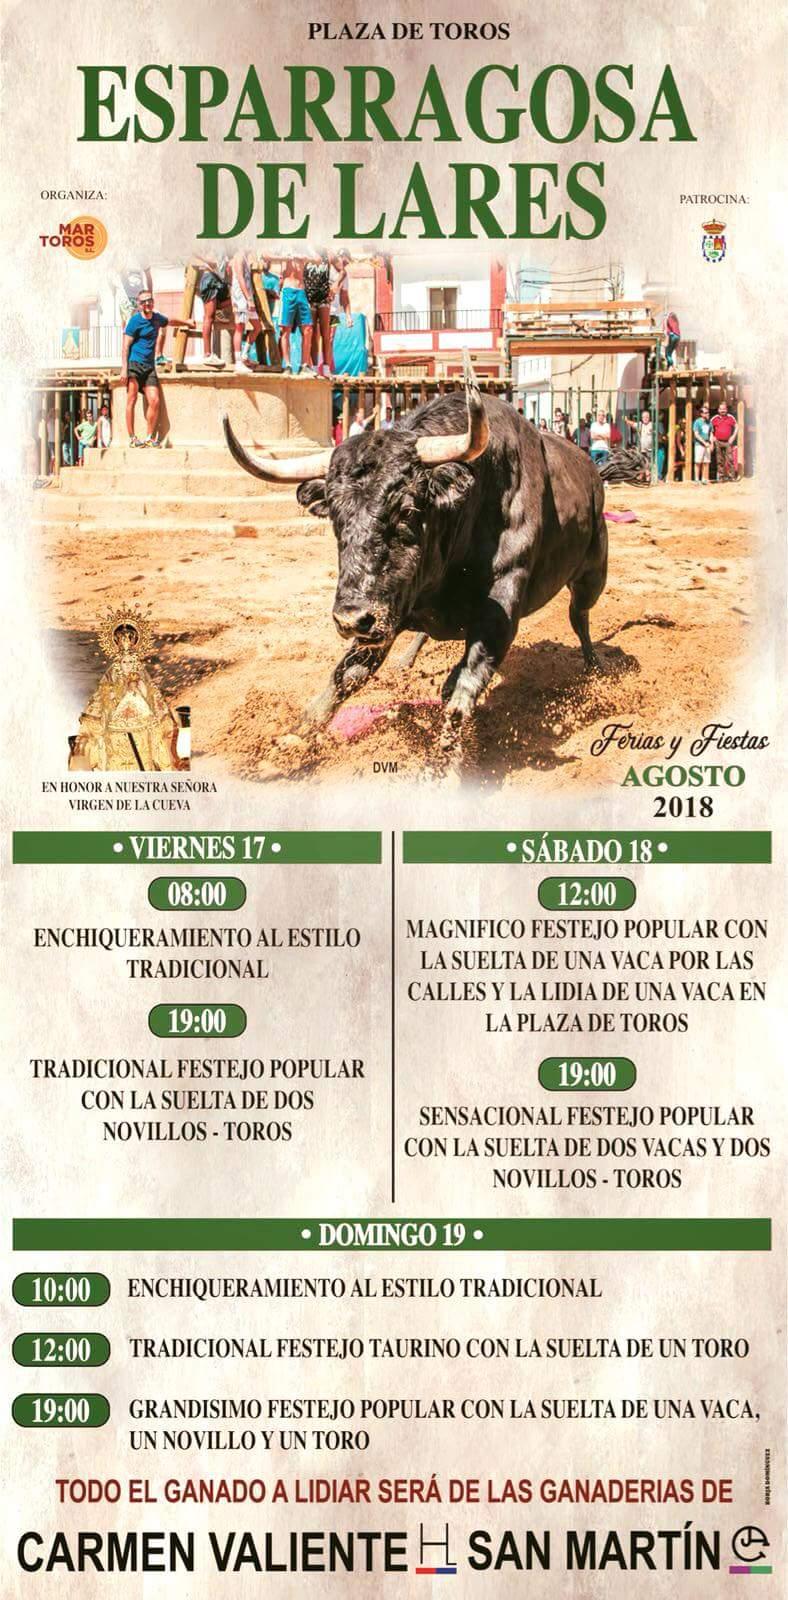 Ferias y fiestas 2018 - Esparragosa de Lares